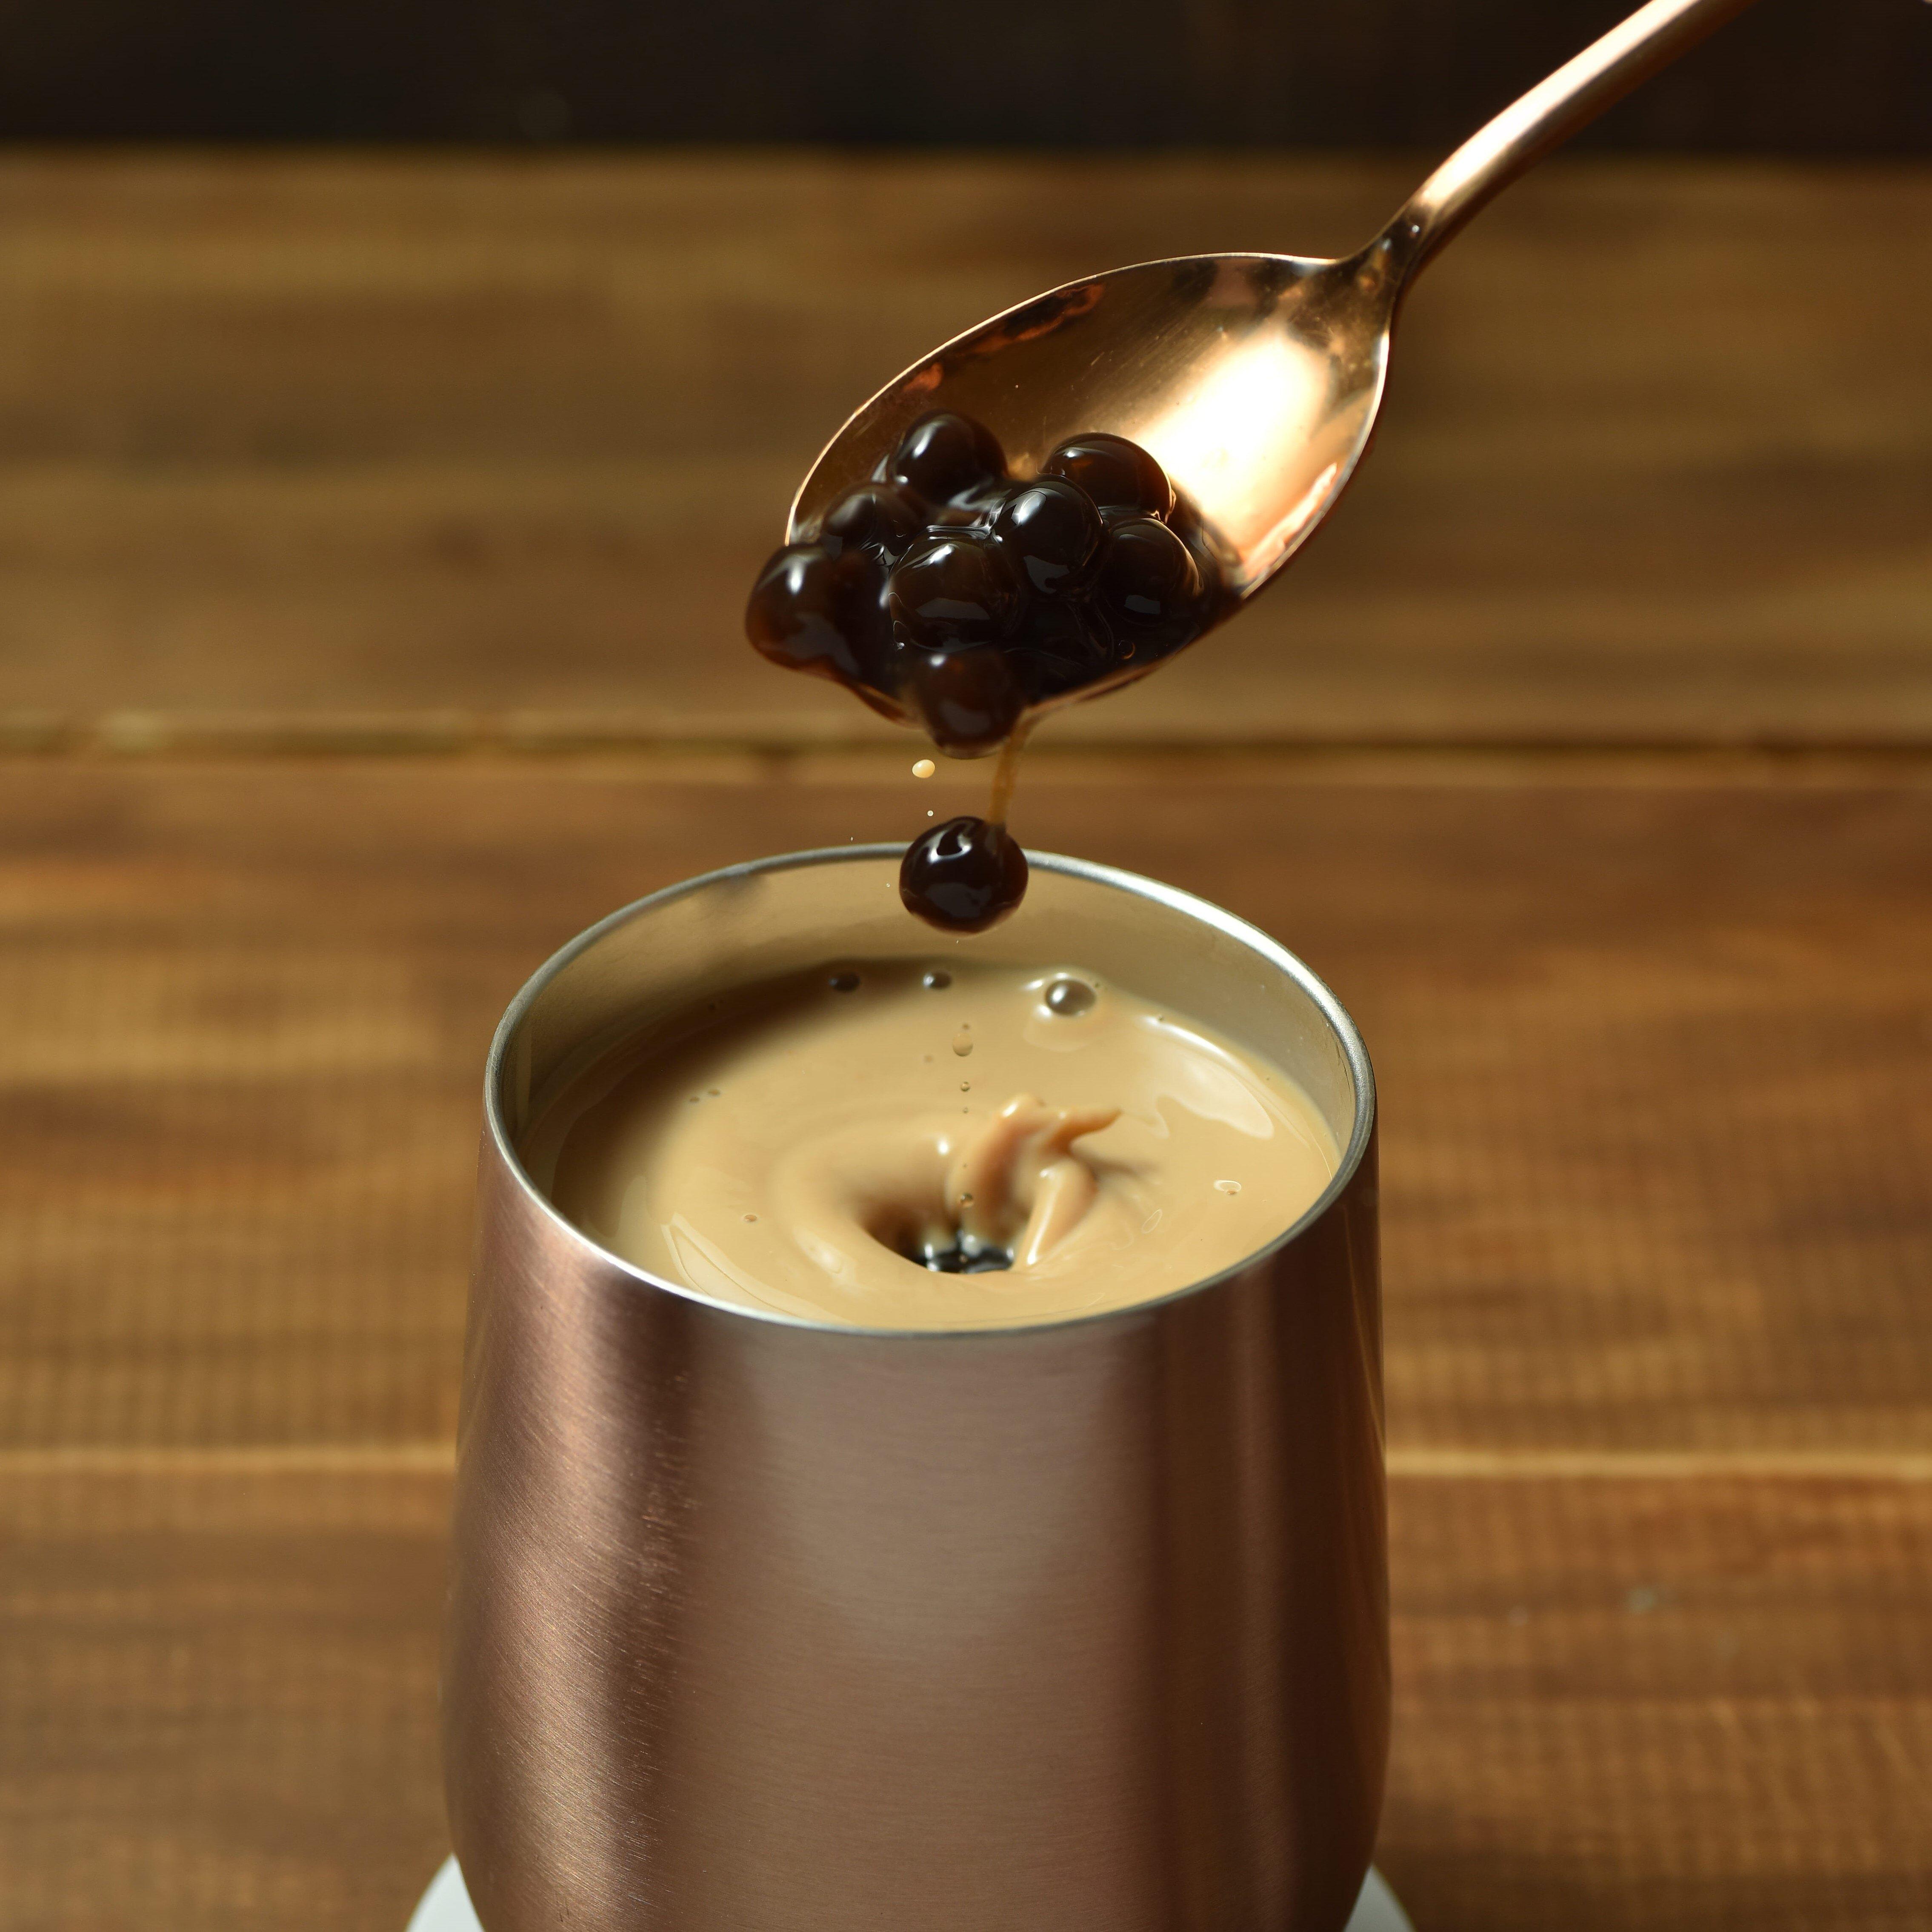 全台首創!沖泡式的珍珠奶茶,喝起來跟手搖飲料一模一樣,來台旅客瘋狂搶購!曾經創下開賣秒殺2500盒的最高紀錄!